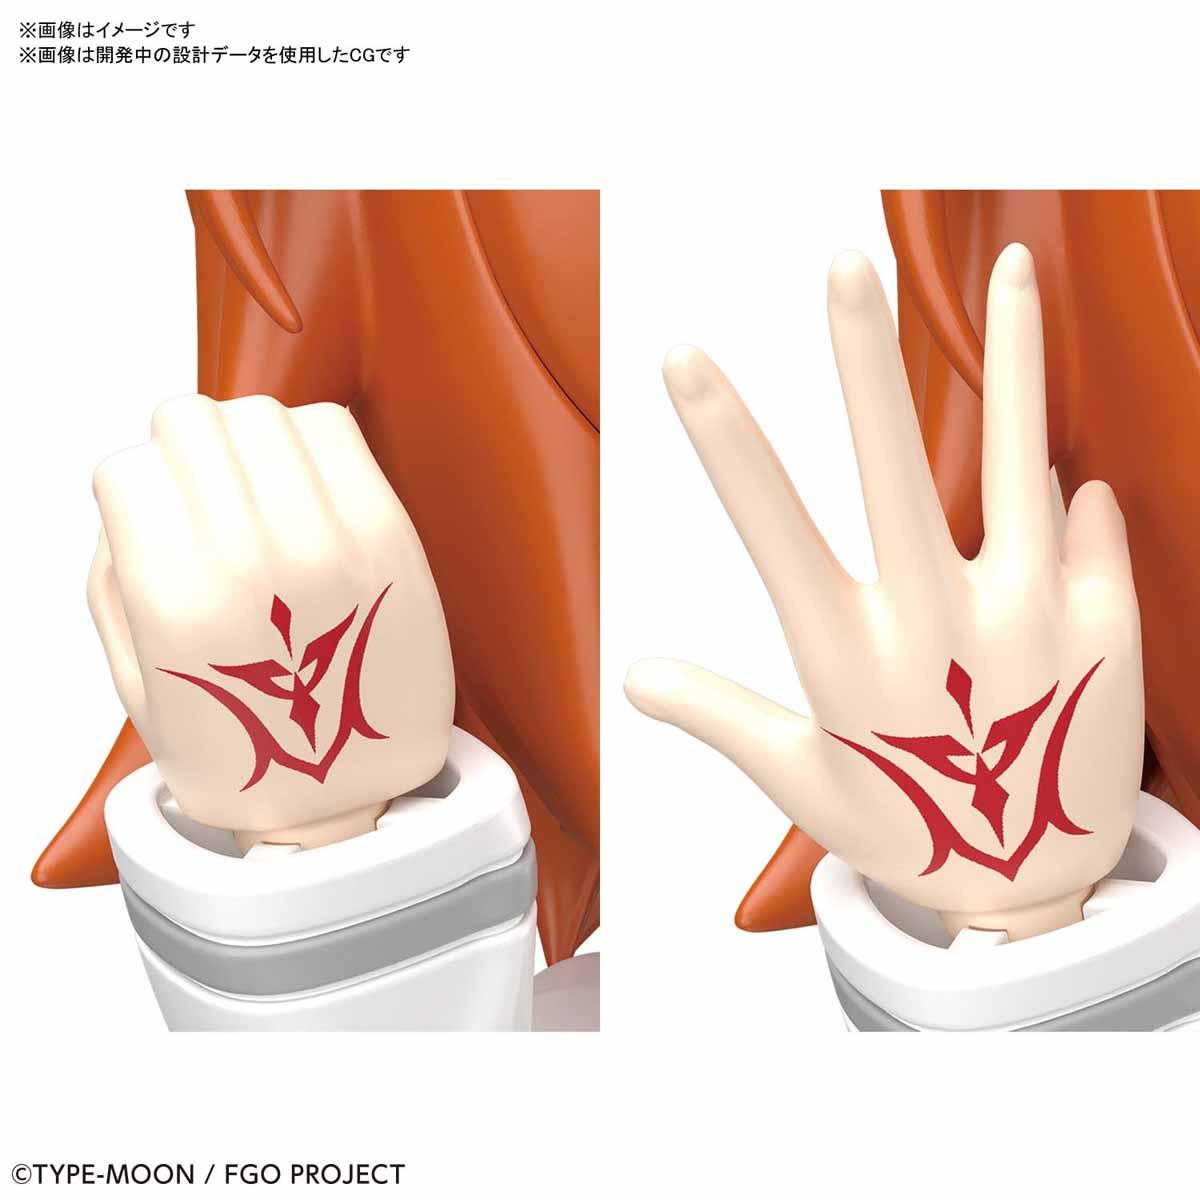 ぷちりっつ『マスター/女主人公』Fate/Grand Order プラモデル-003